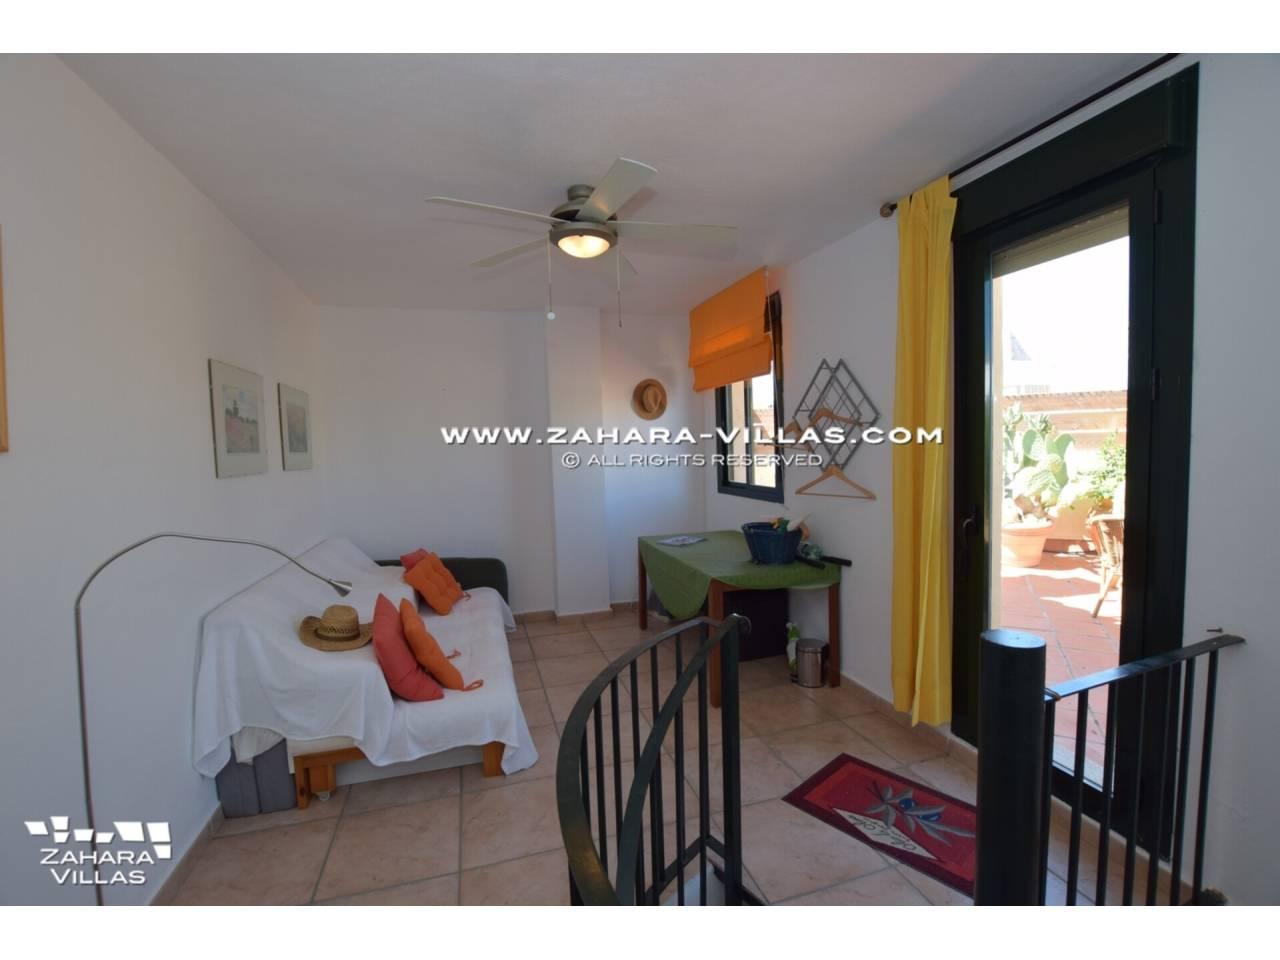 Imagen 32 de Penthouse apartment for sale in Zahara de los Atunes